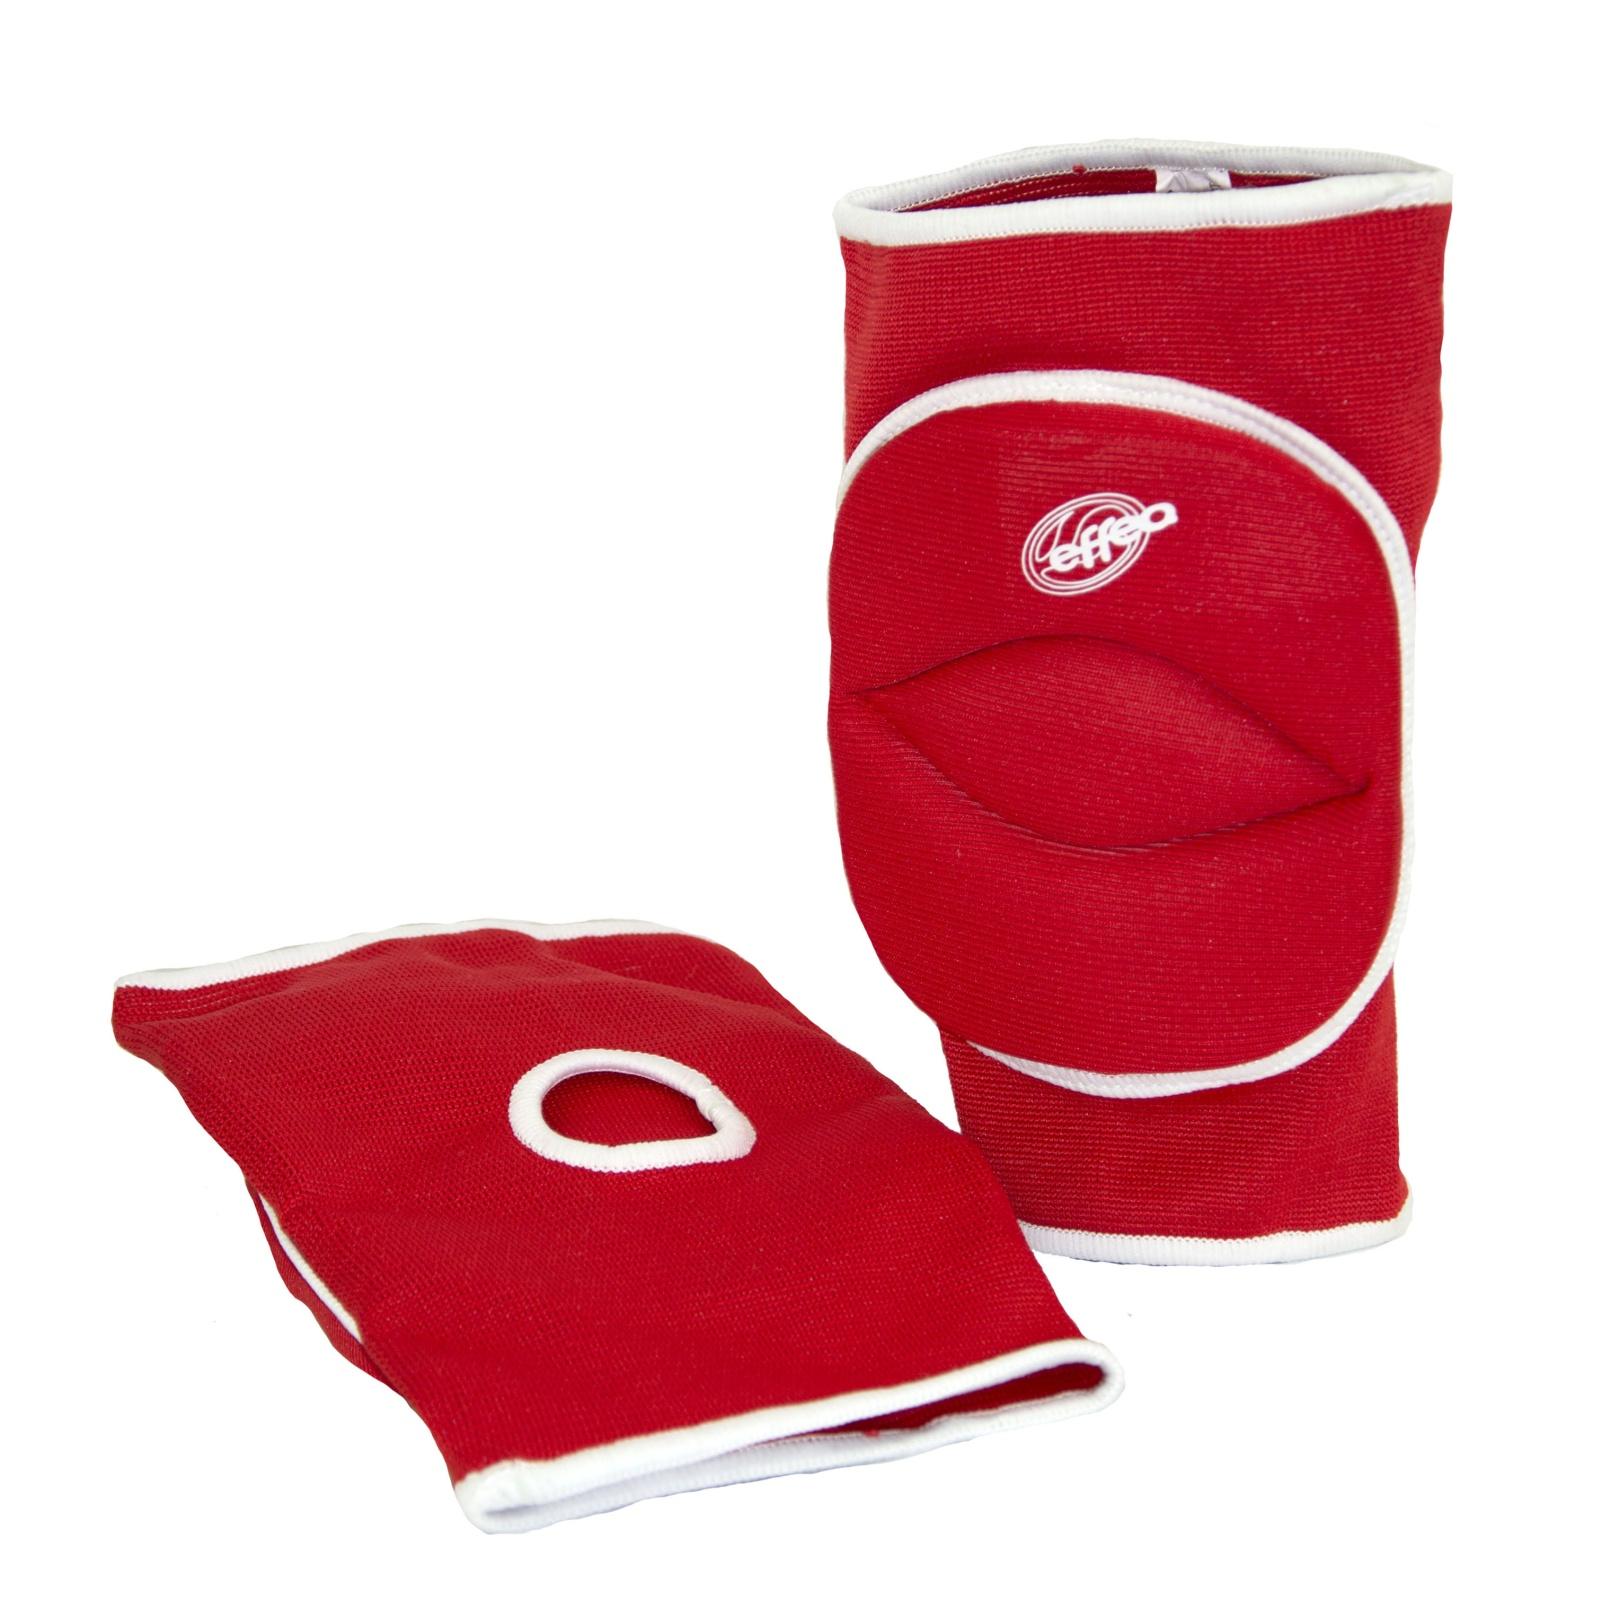 Volejbalové chrániče kolen EFFEA 6644 senior červené